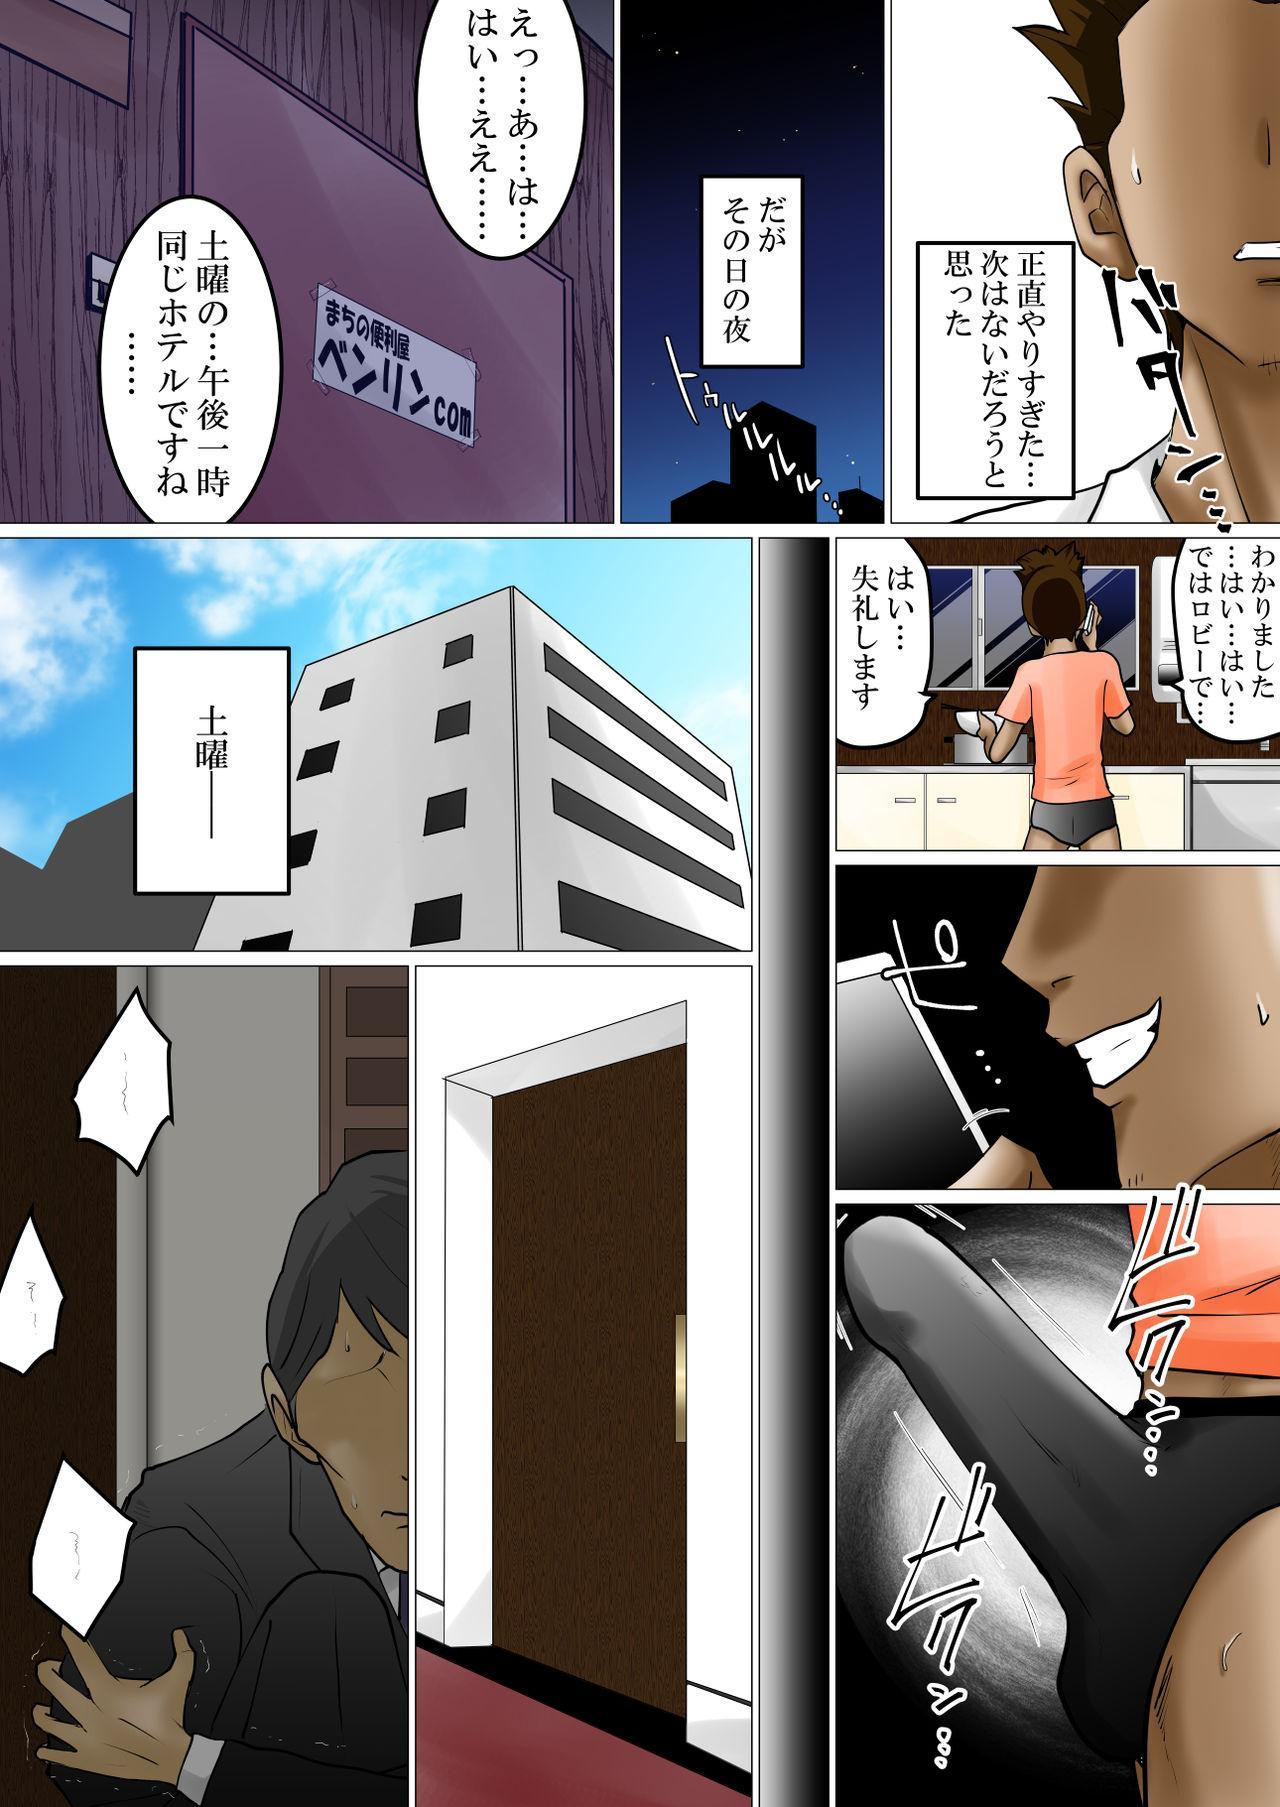 Tanetsuke Irai ~Funin ni Nayamu Fuufu ni Nakadashi o Irai Sareta Benriya no Hanashi 25